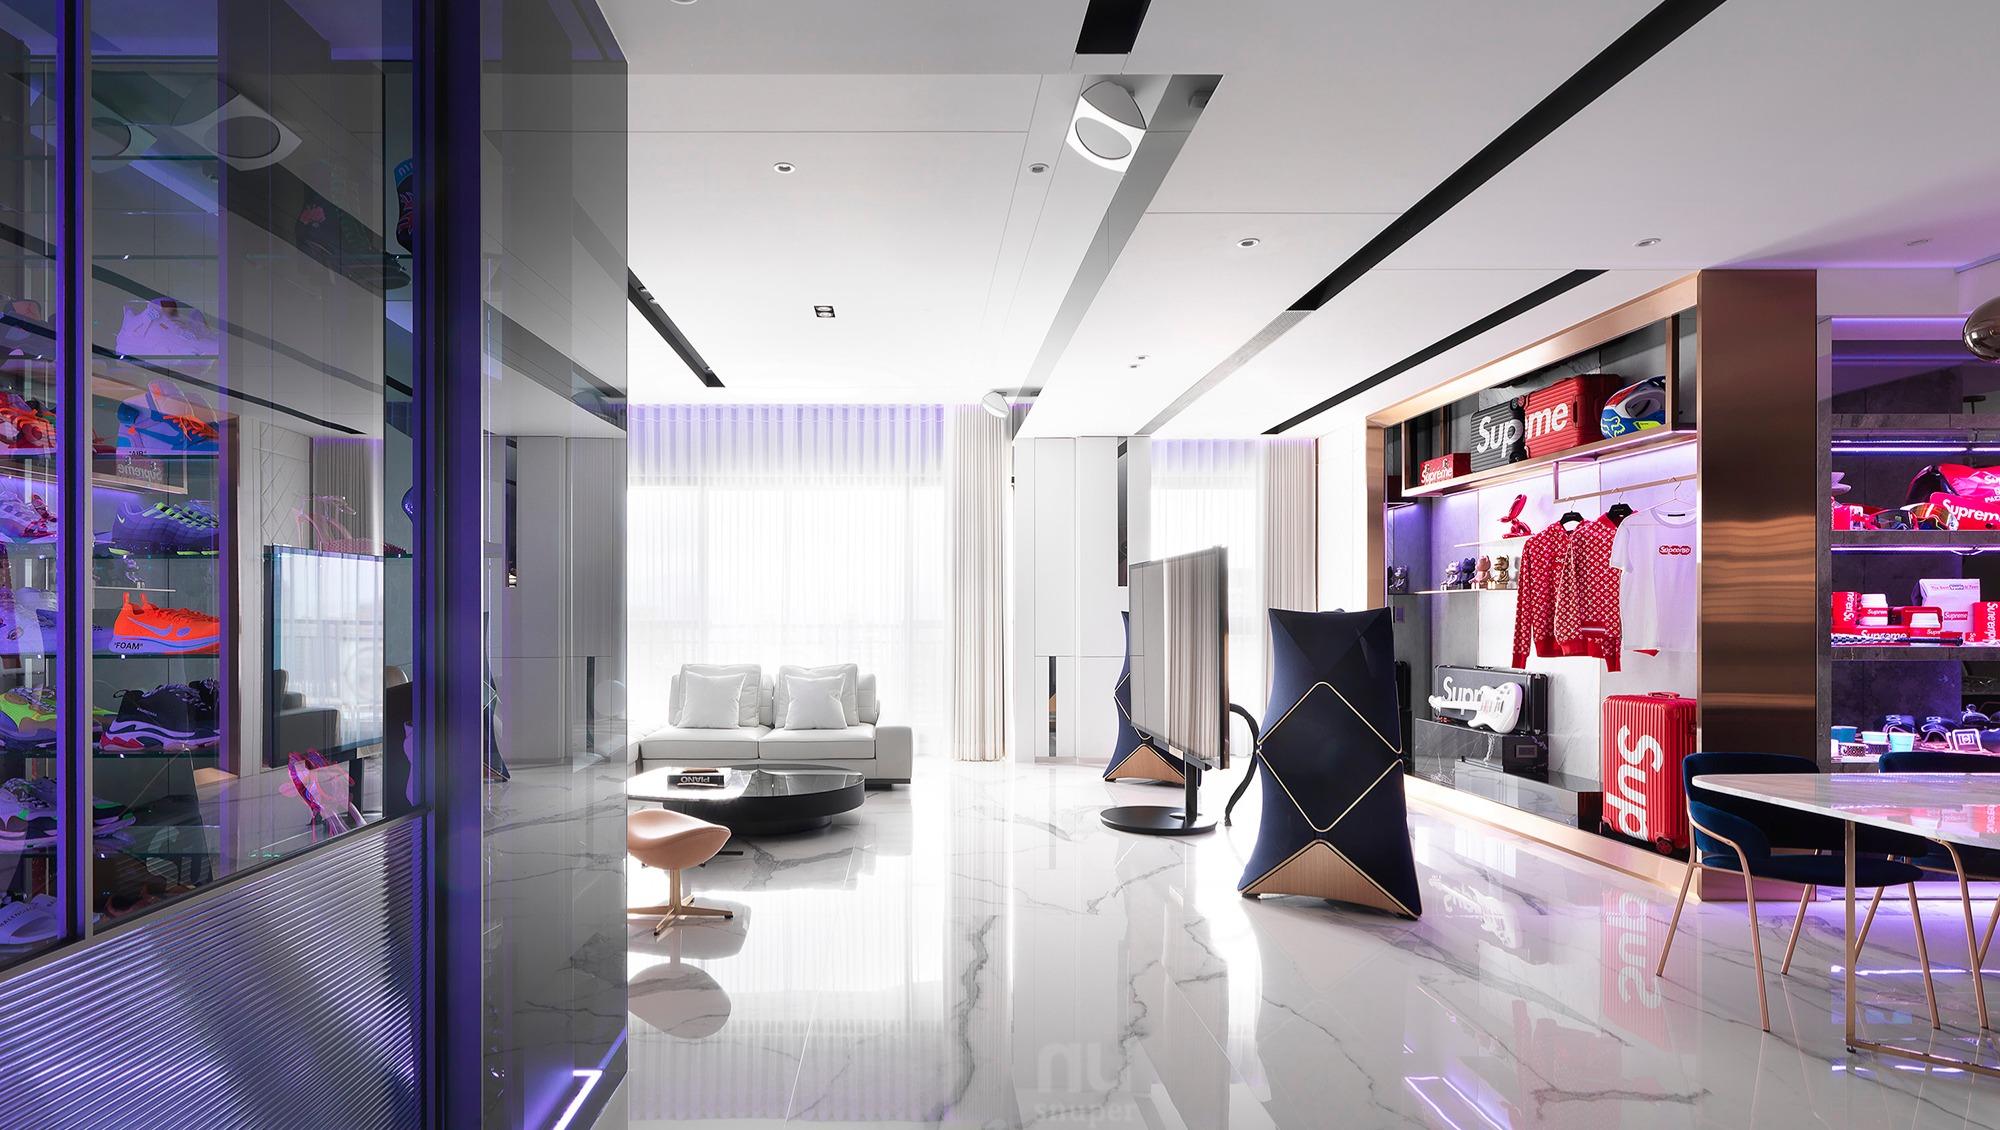 室內設計視頻 他打造連路易十四都想穿越的時尚住宅